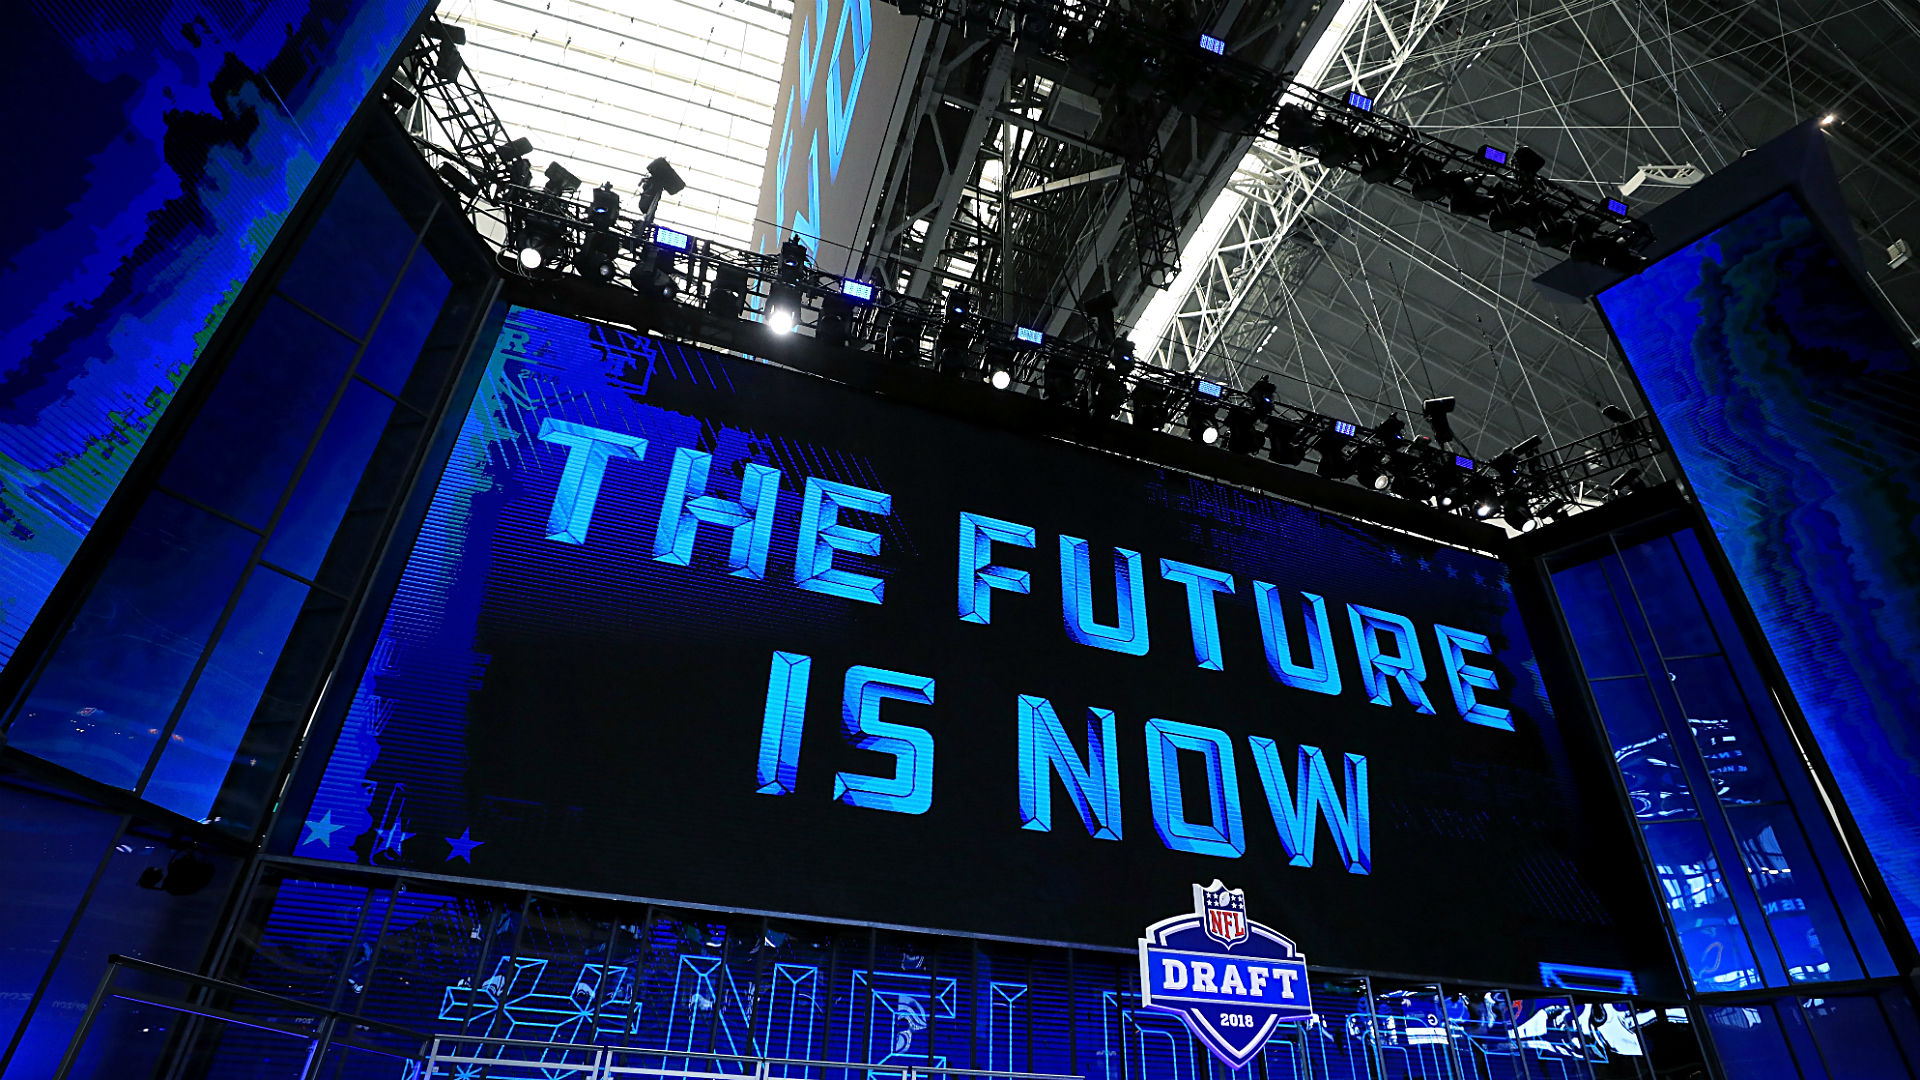 NFL Draft 2021 dates, start time, pick order, TV channels & updated mock drafts